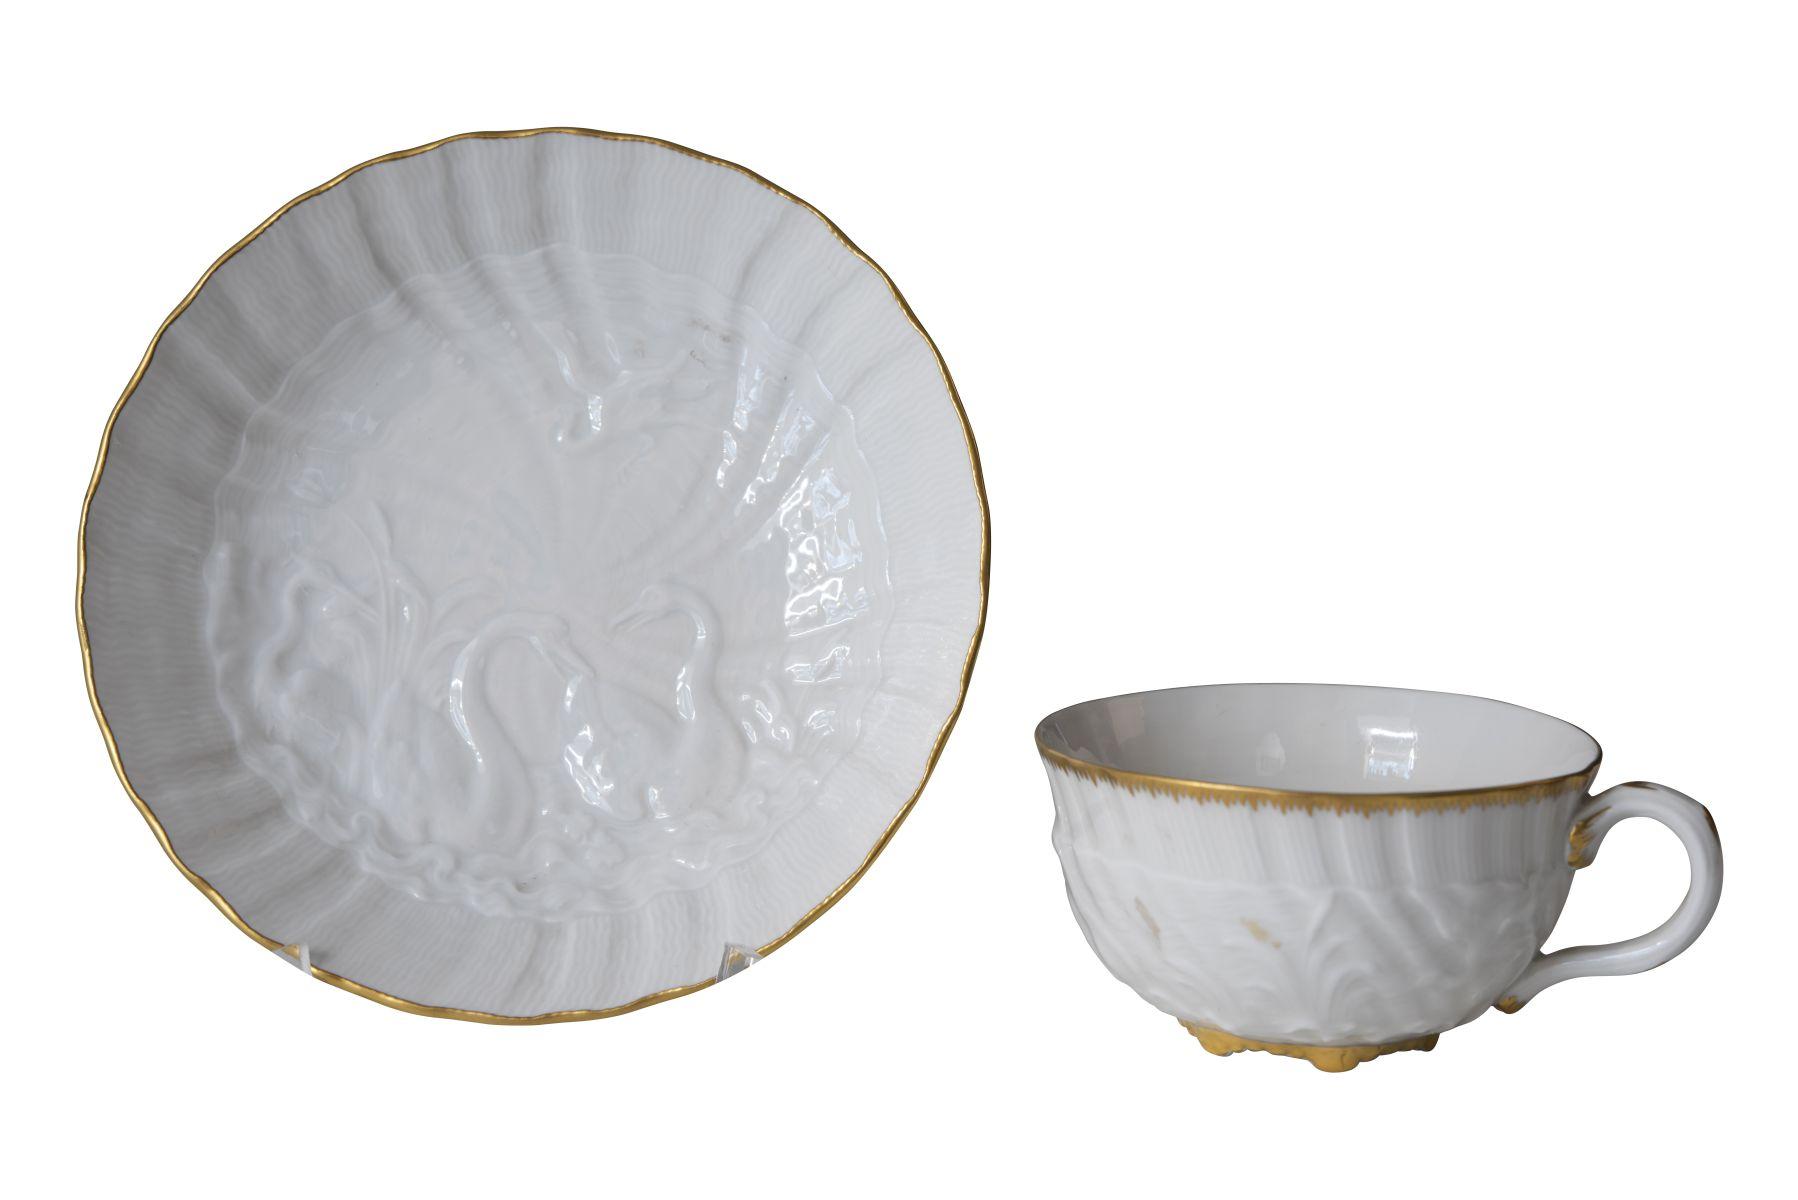 #112 Decorative cup with saucer, 2nd half 20 th centrury | Ziertasse mit Untertasse Meissen 2. Hälfte 20. Jahrhundert Image